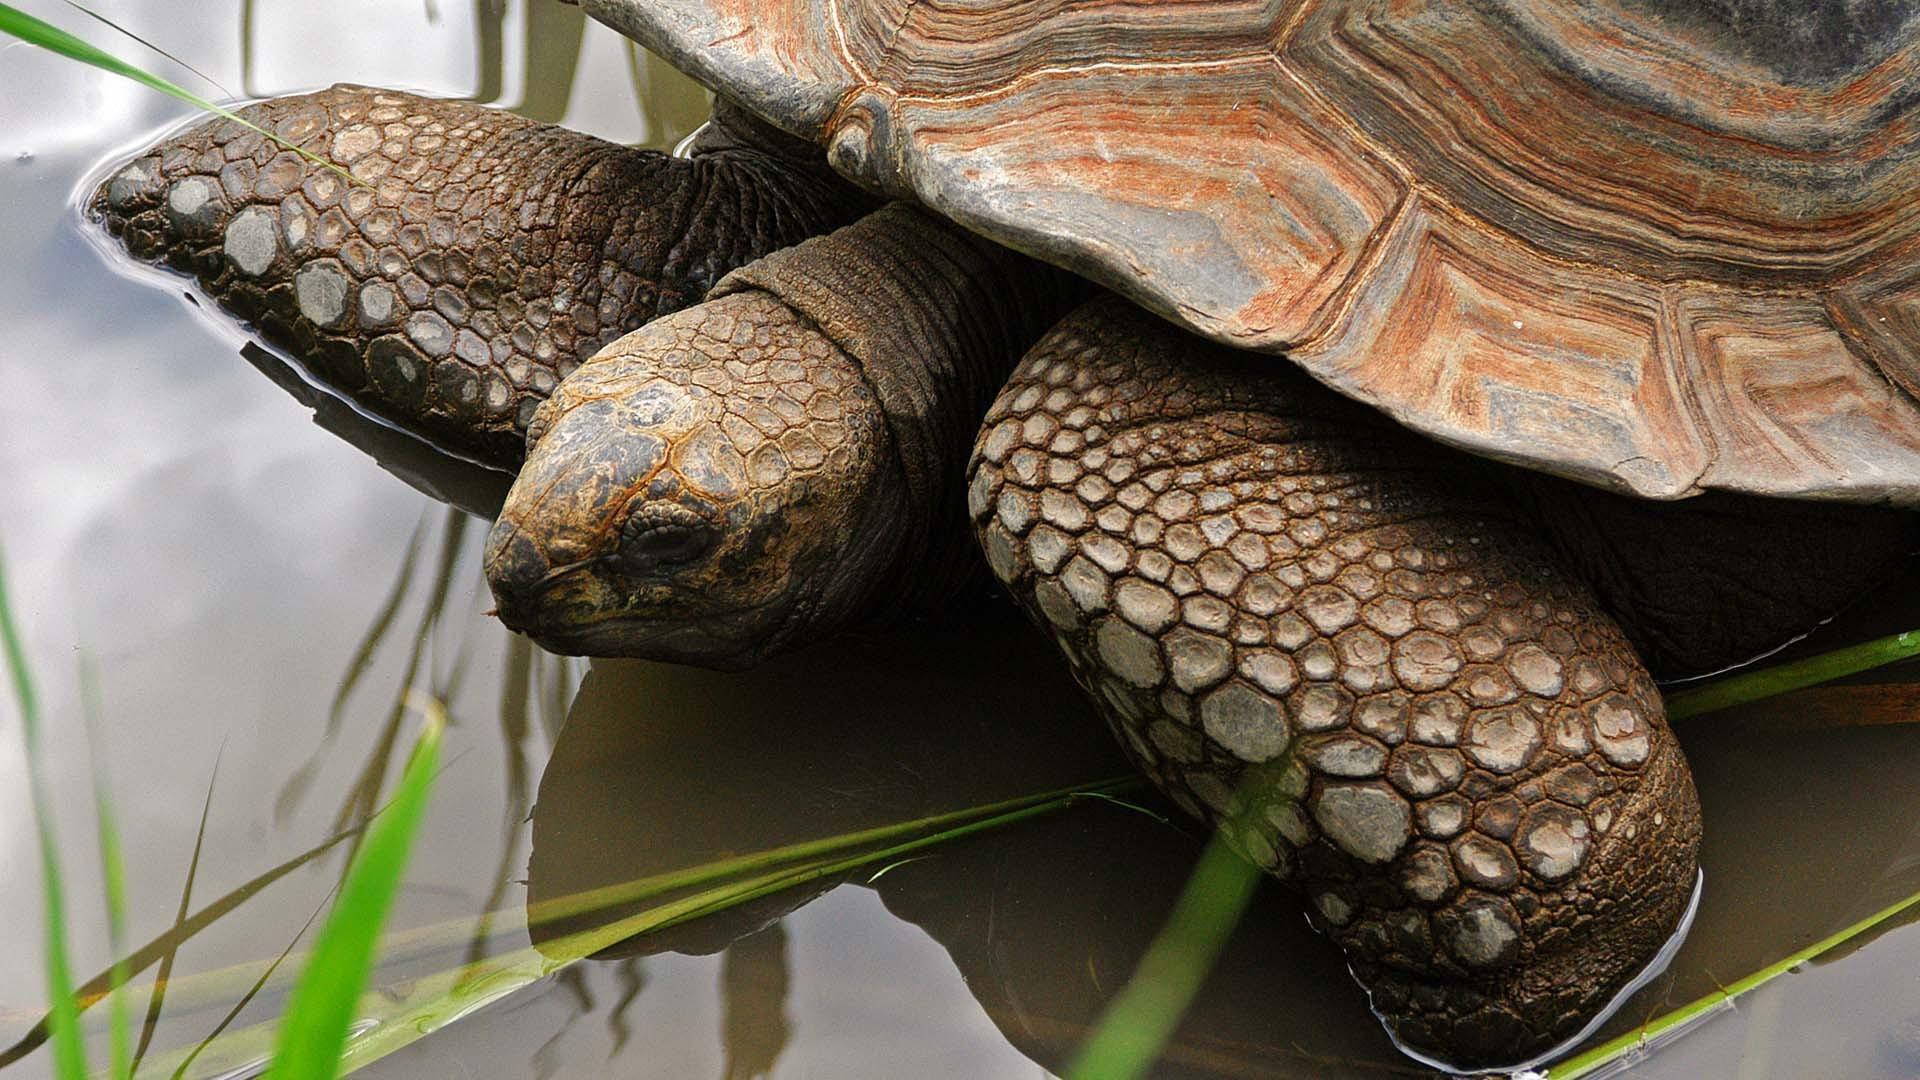 Зеленая черепаха на траве в хорошем качестве